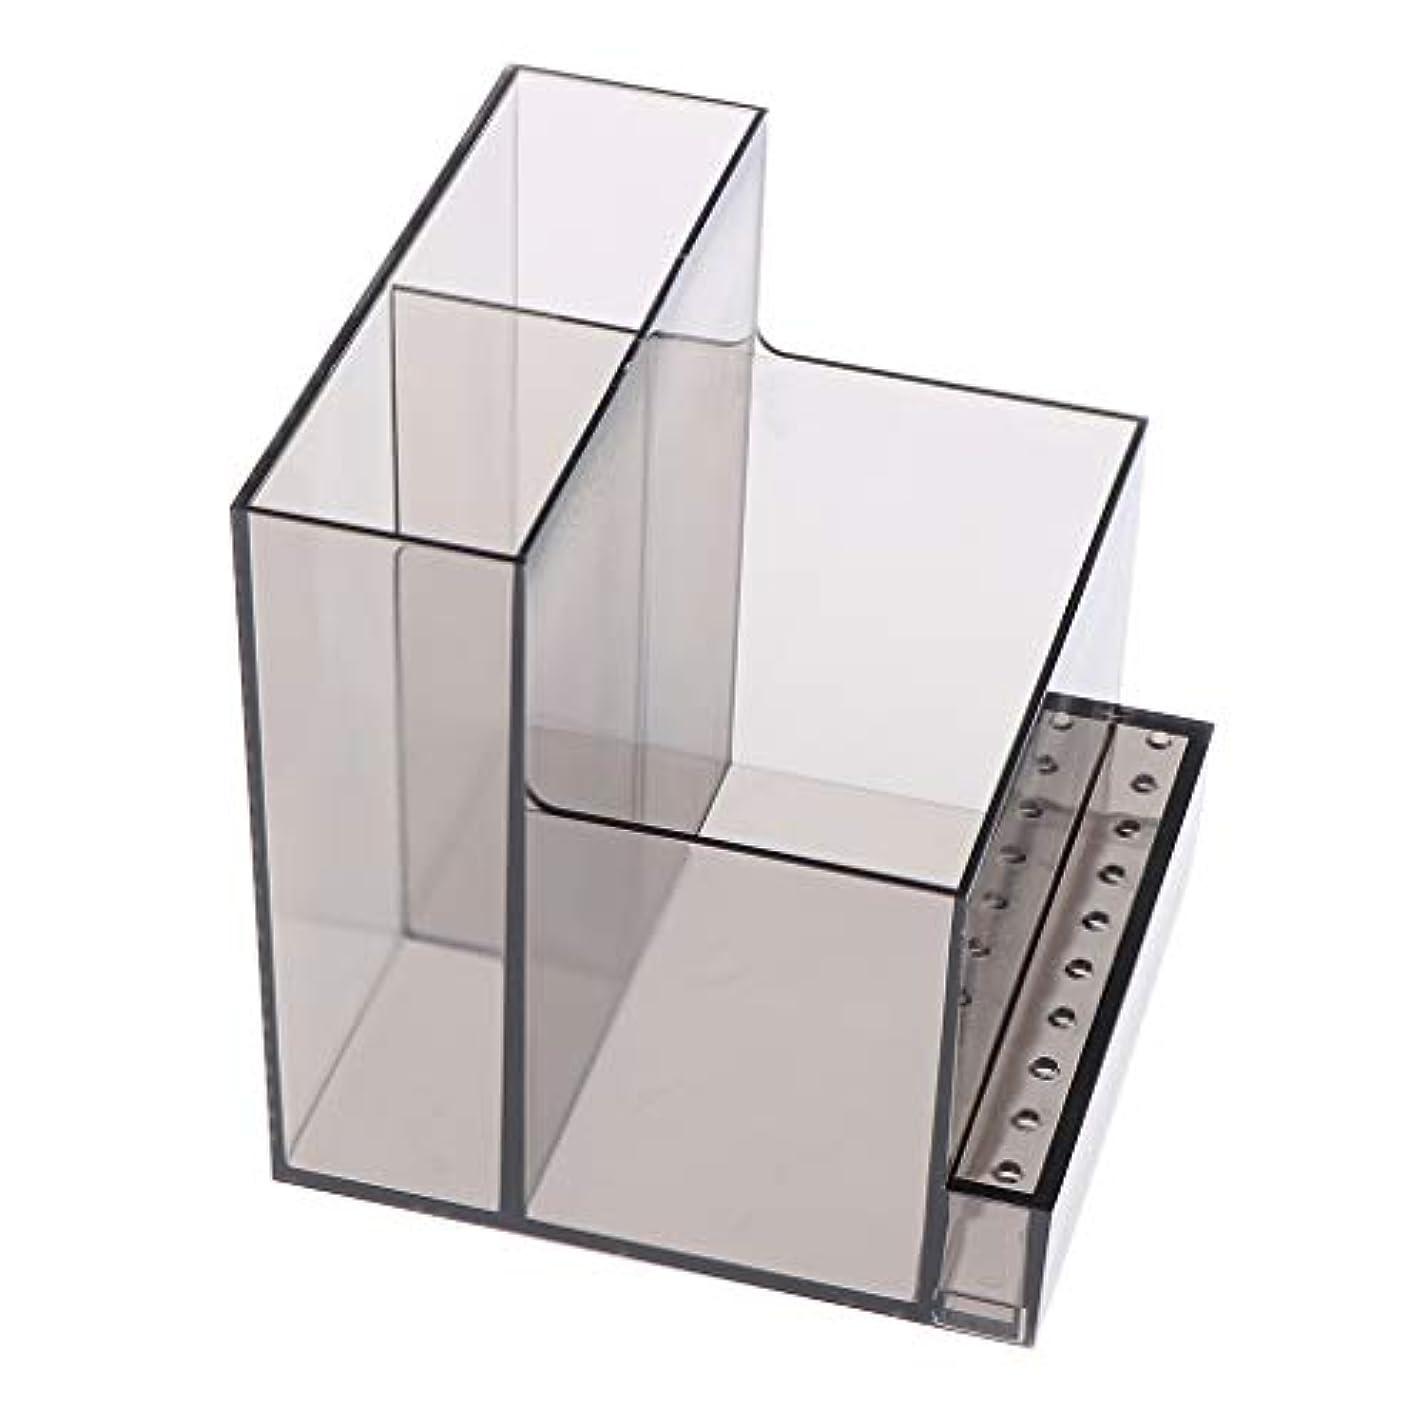 劇的守銭奴感情のネイルドリルマシンホルダー アクリル製 収納ホルダー ボックス プロ ネイルサロン 2色選べ - ブラック